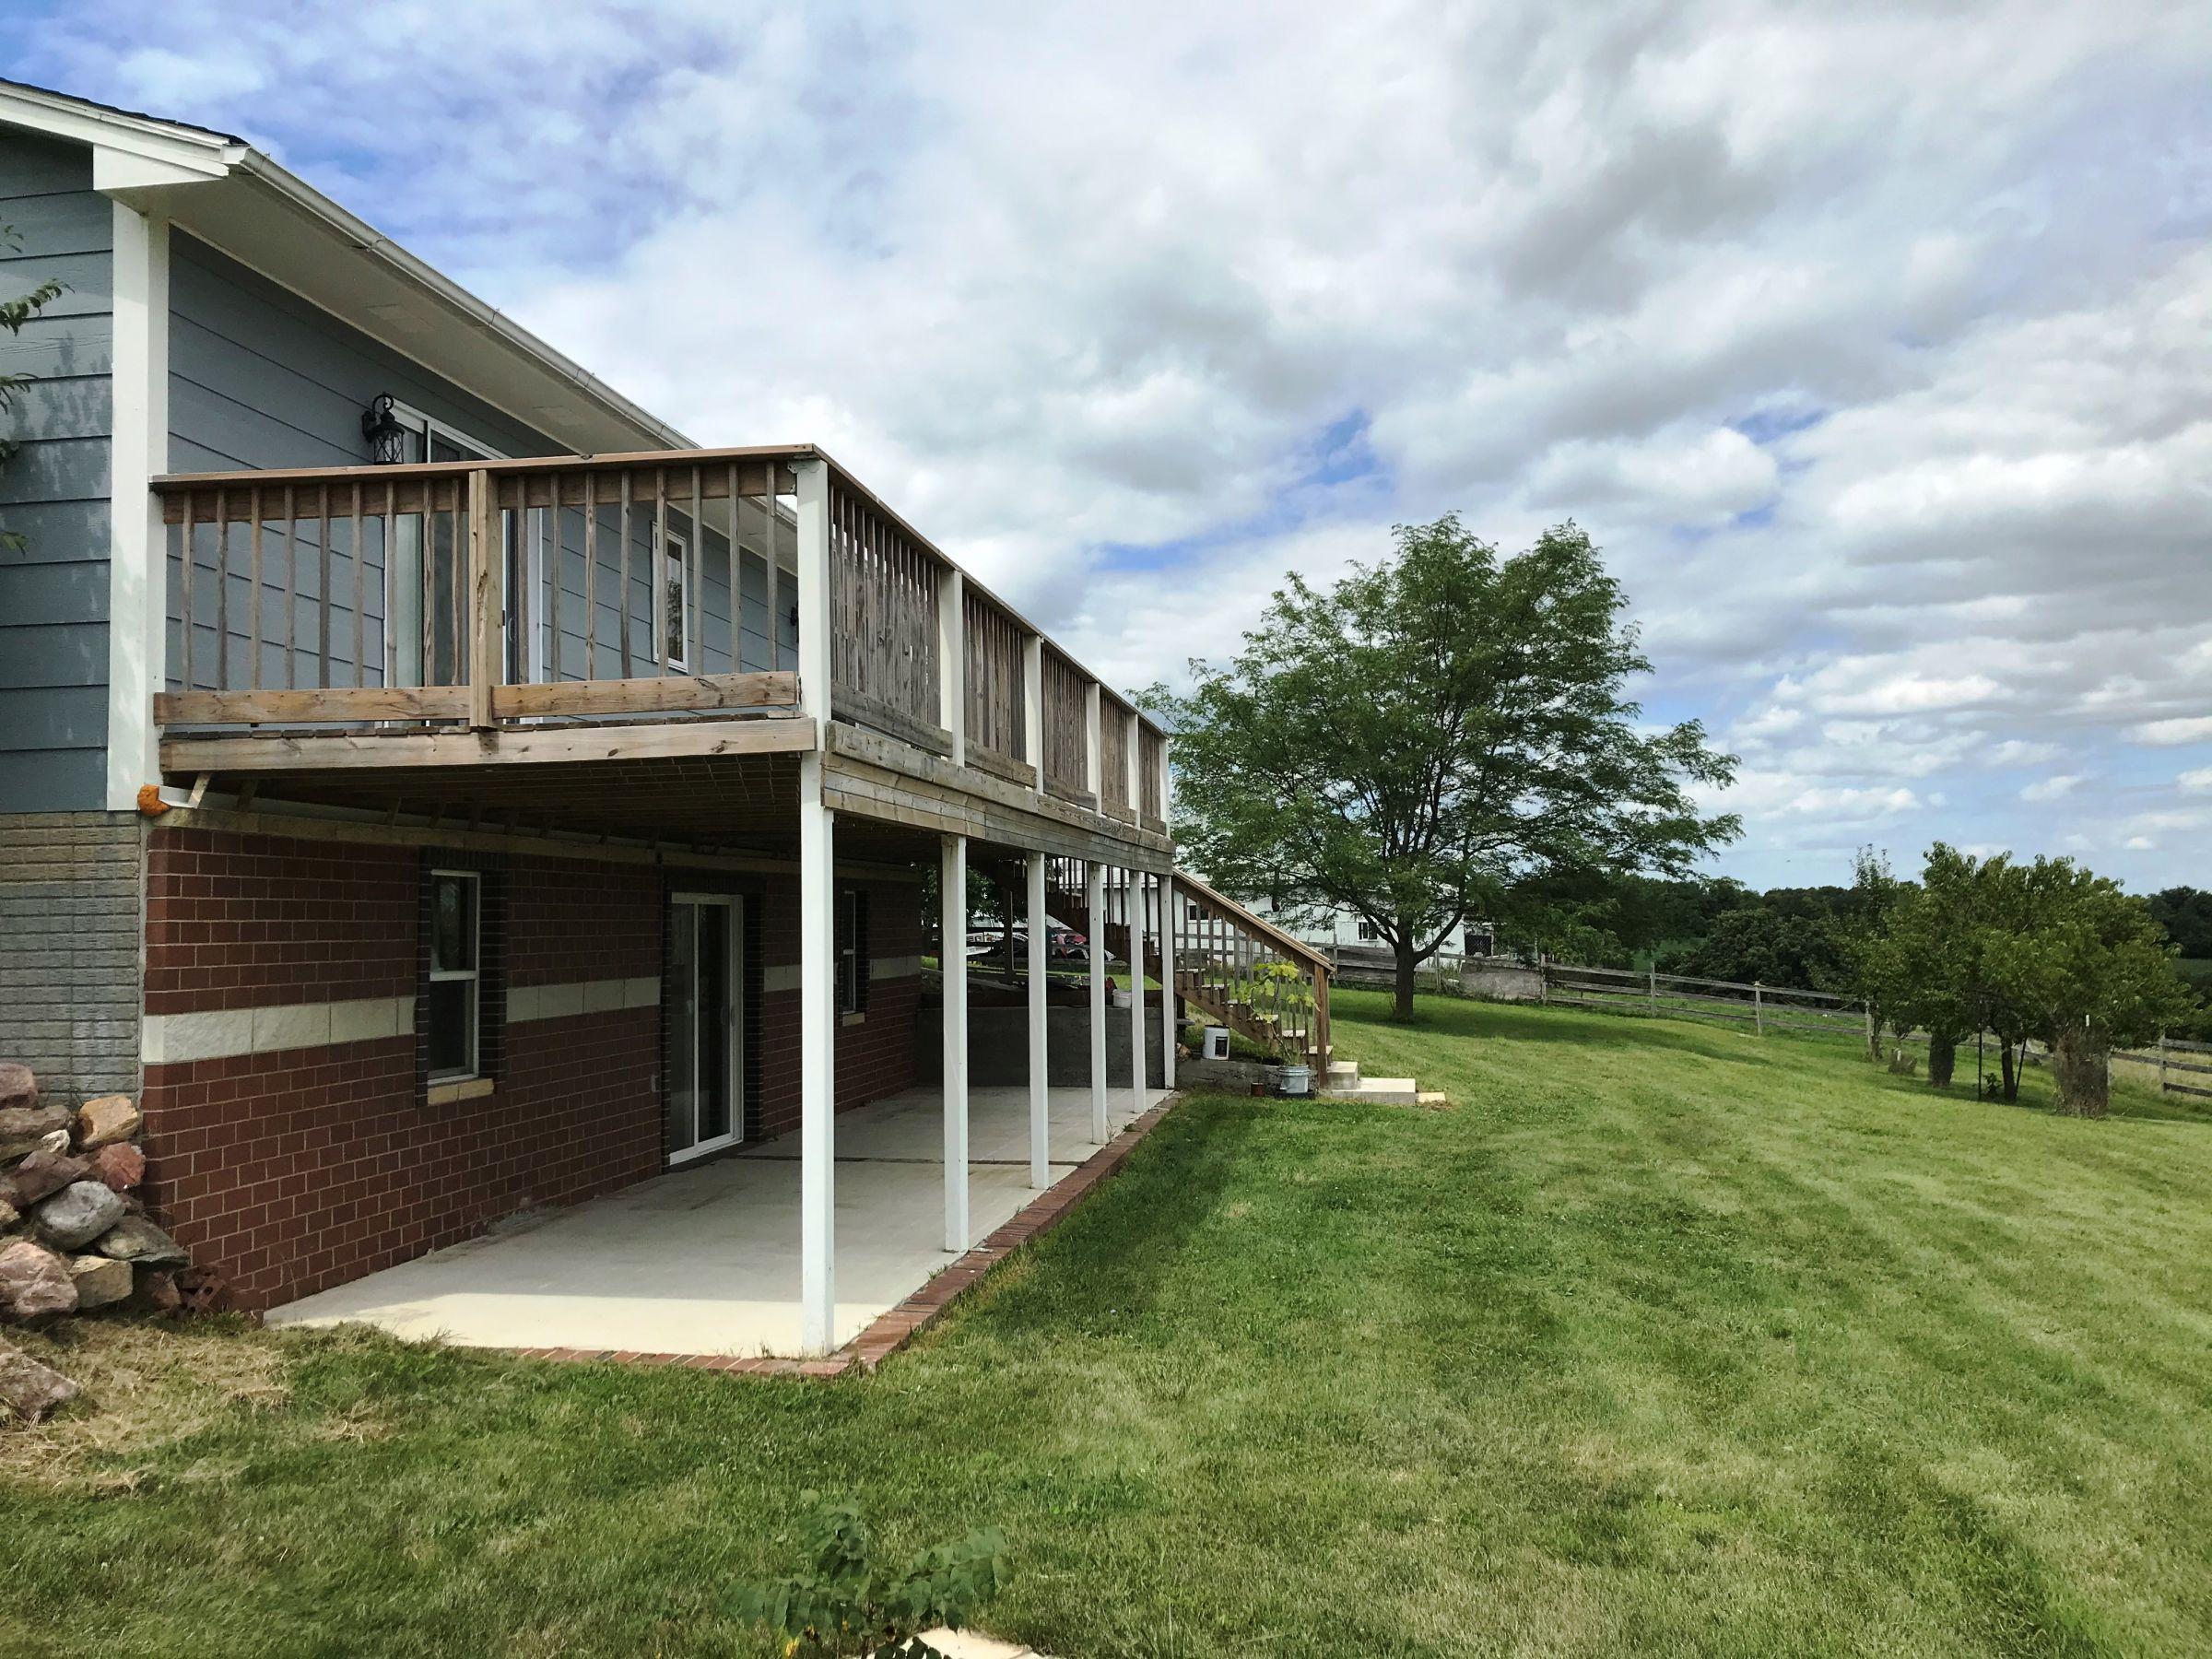 warren-county-iowa-0-acres-listing-number-15104-8-2020-08-05-204954.JPG